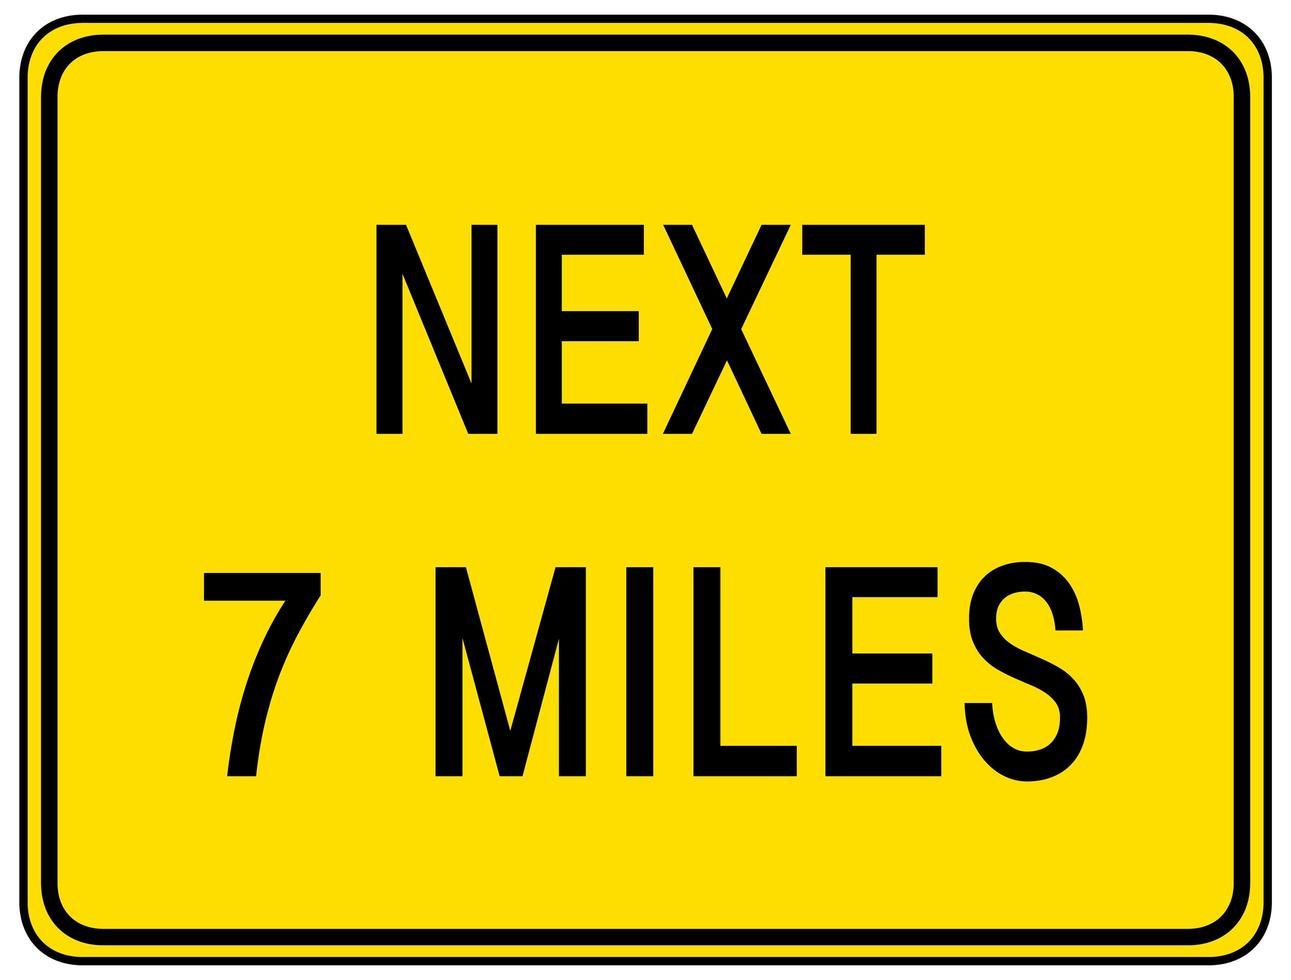 Próximas 7 millas signo aislado sobre fondo blanco. vector